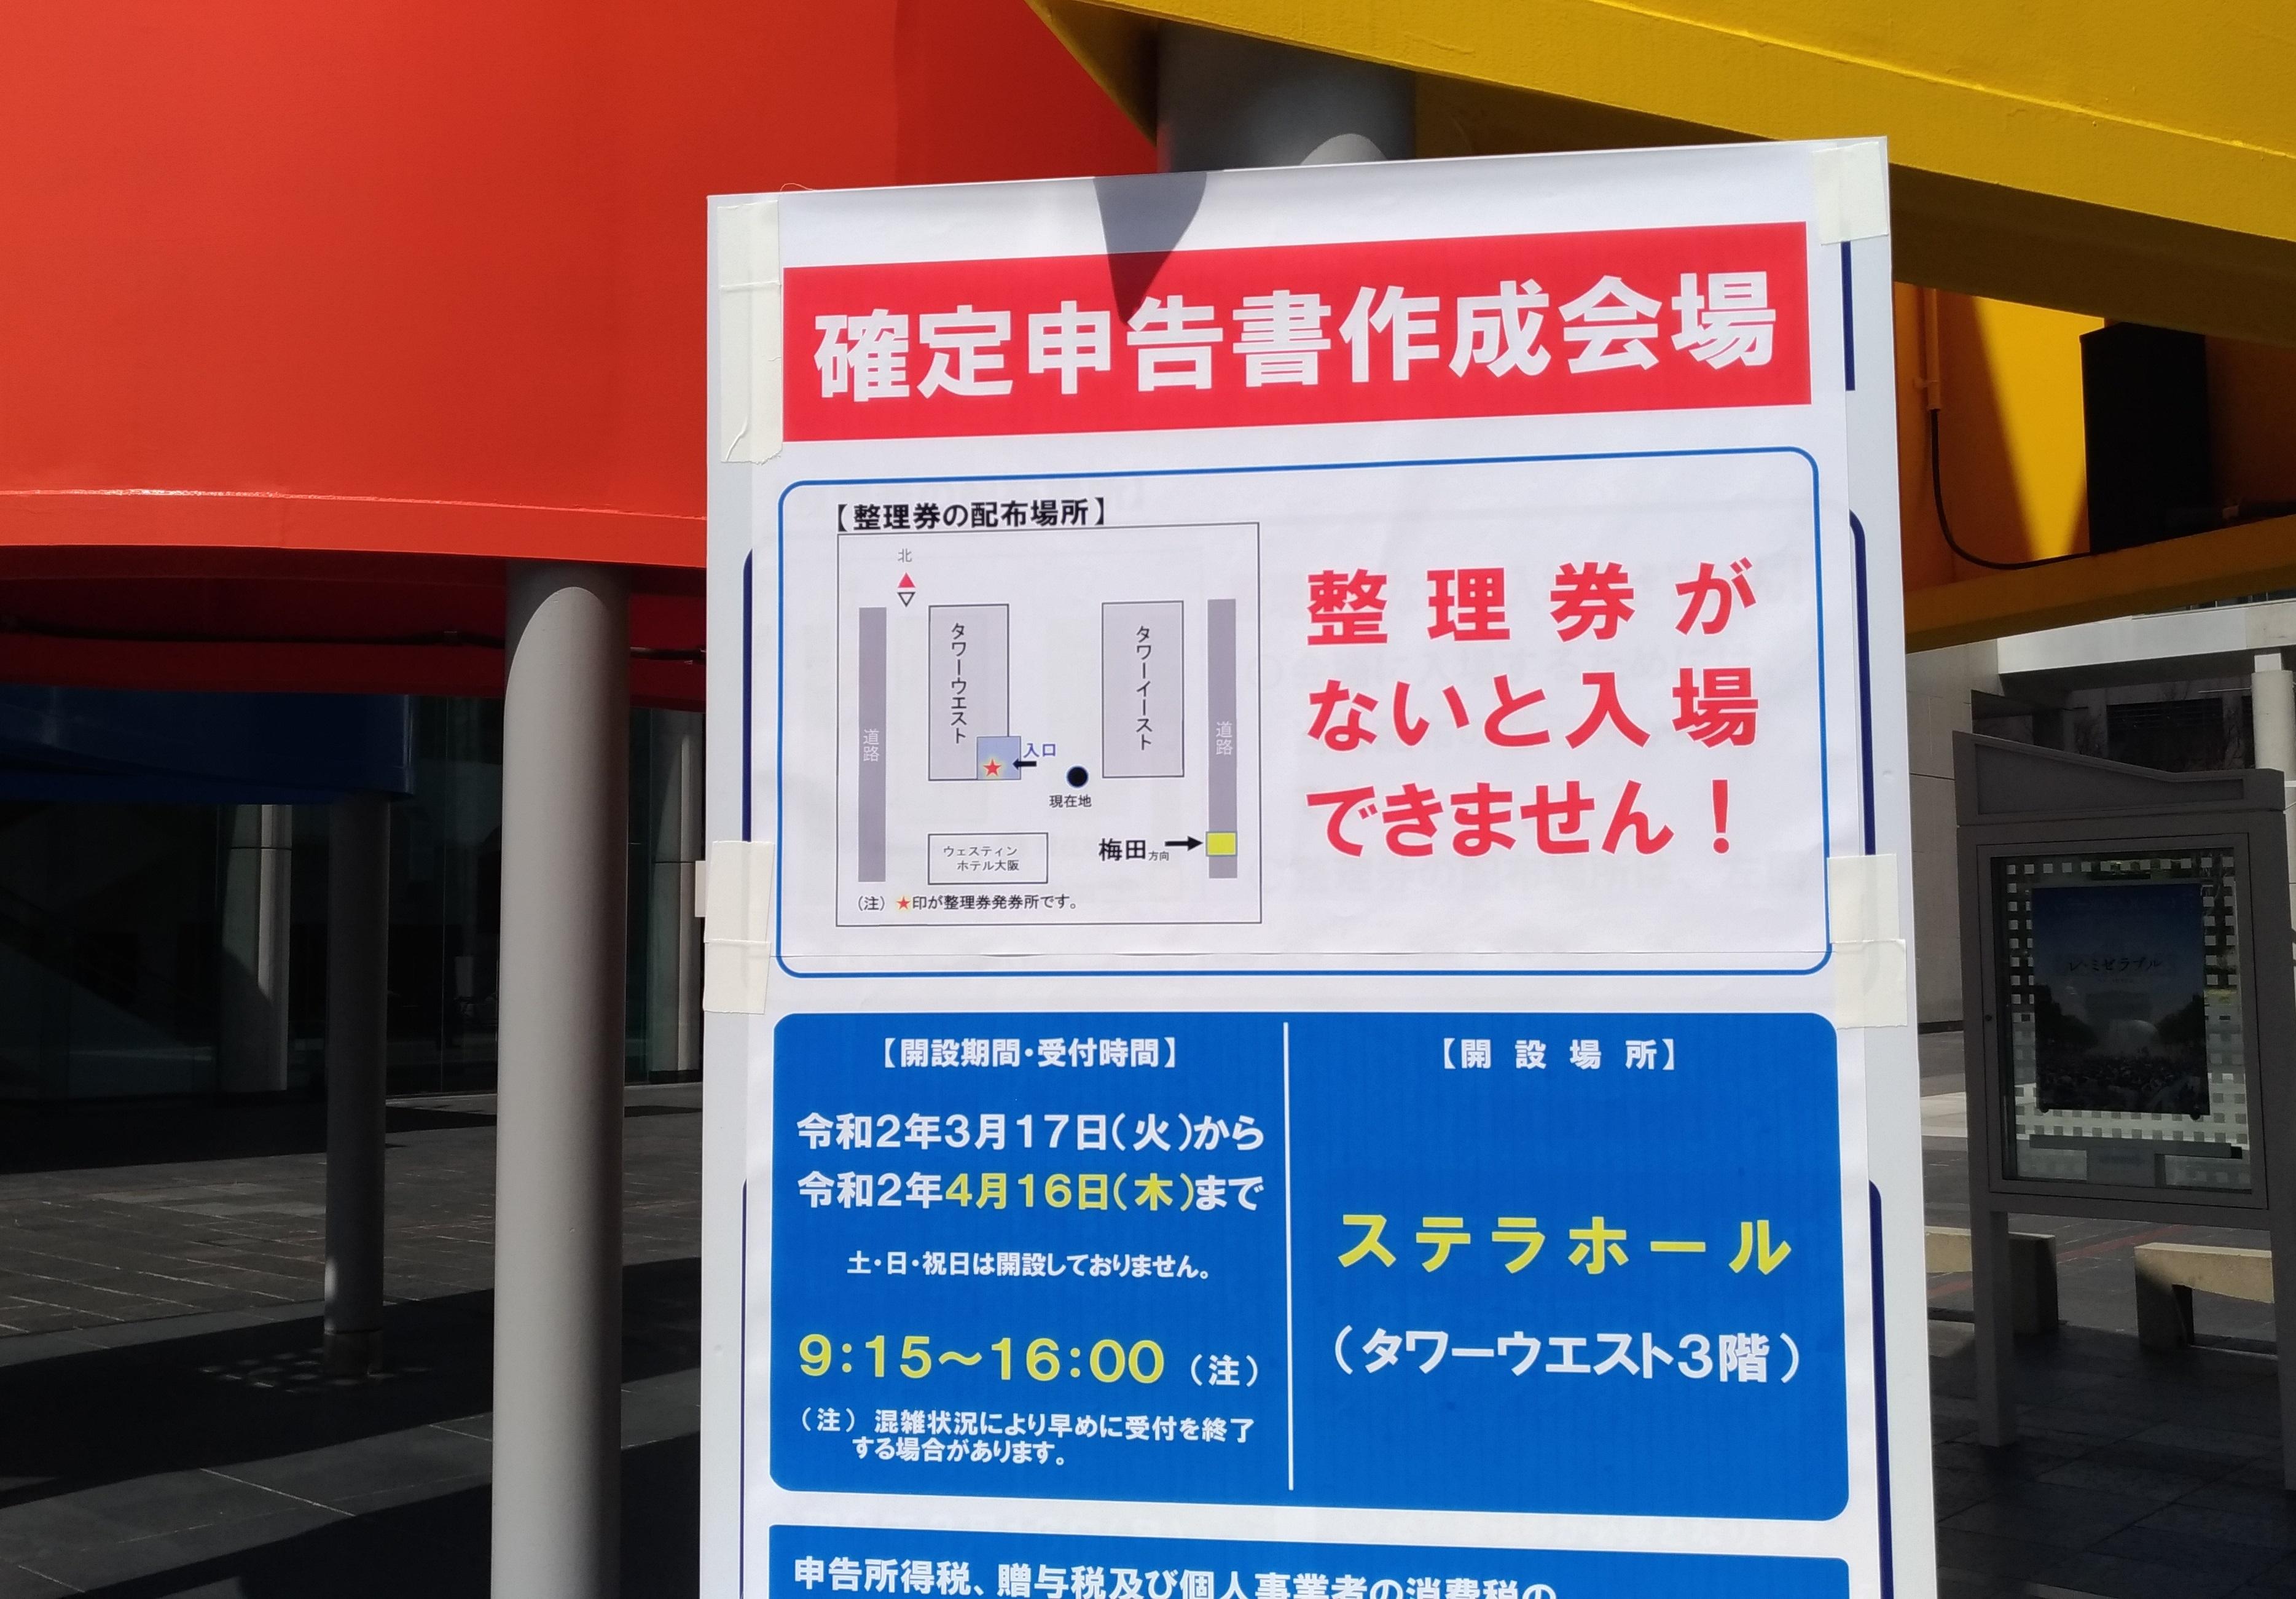 osaka_kakutei_shinkoku_umeda_0322.jpg